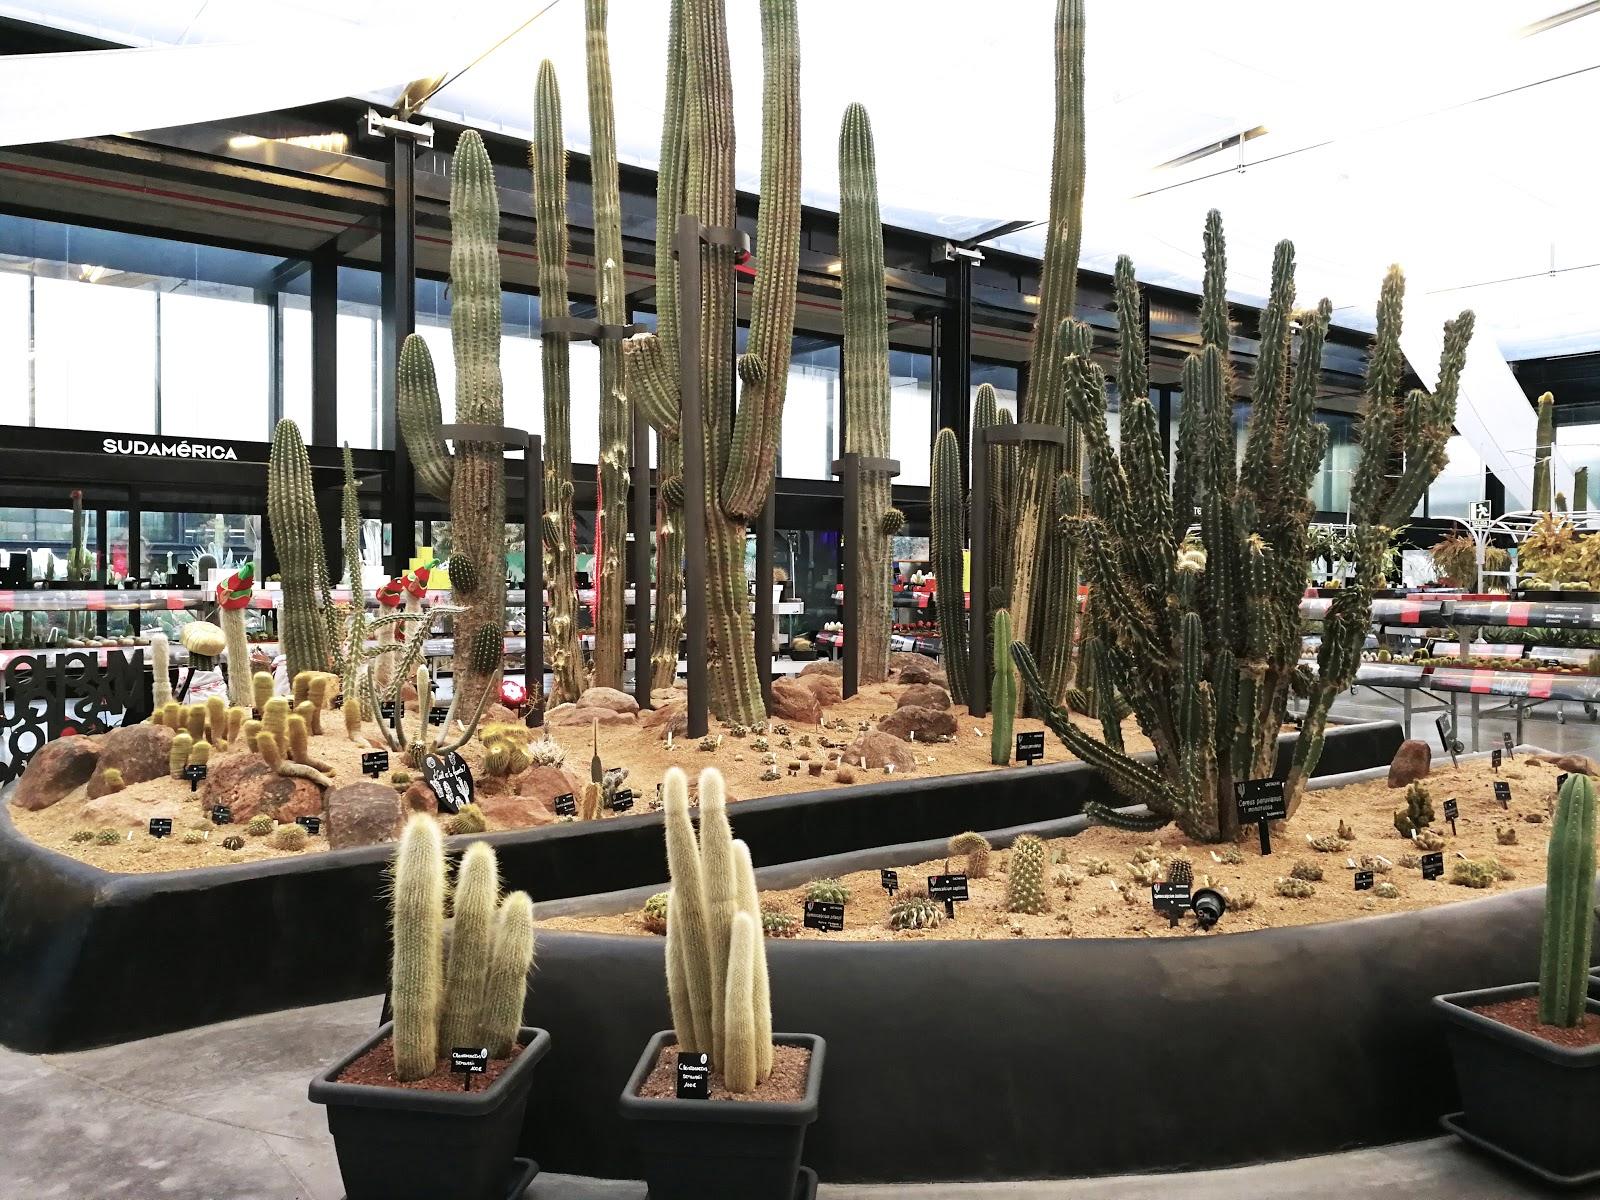 Desert city donde comprar un cactus university lifestye for Donde venden cactus